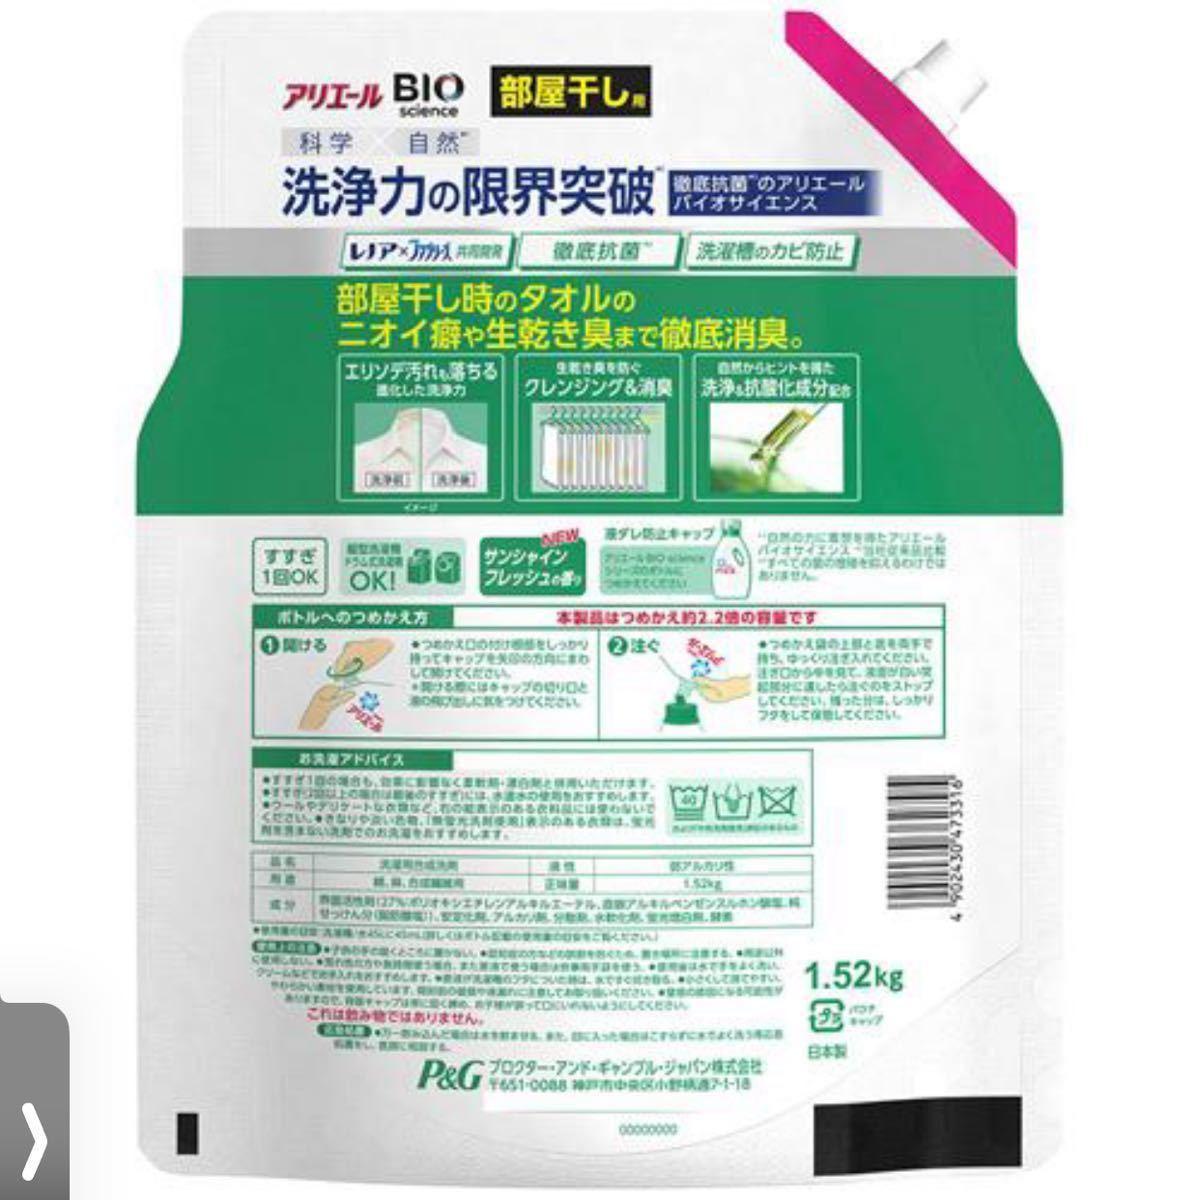 アリエールバイオサイエンスジェル 部屋干し用詰め替え超ジャンボ洗濯洗剤 抗菌(1520g 7袋セット)